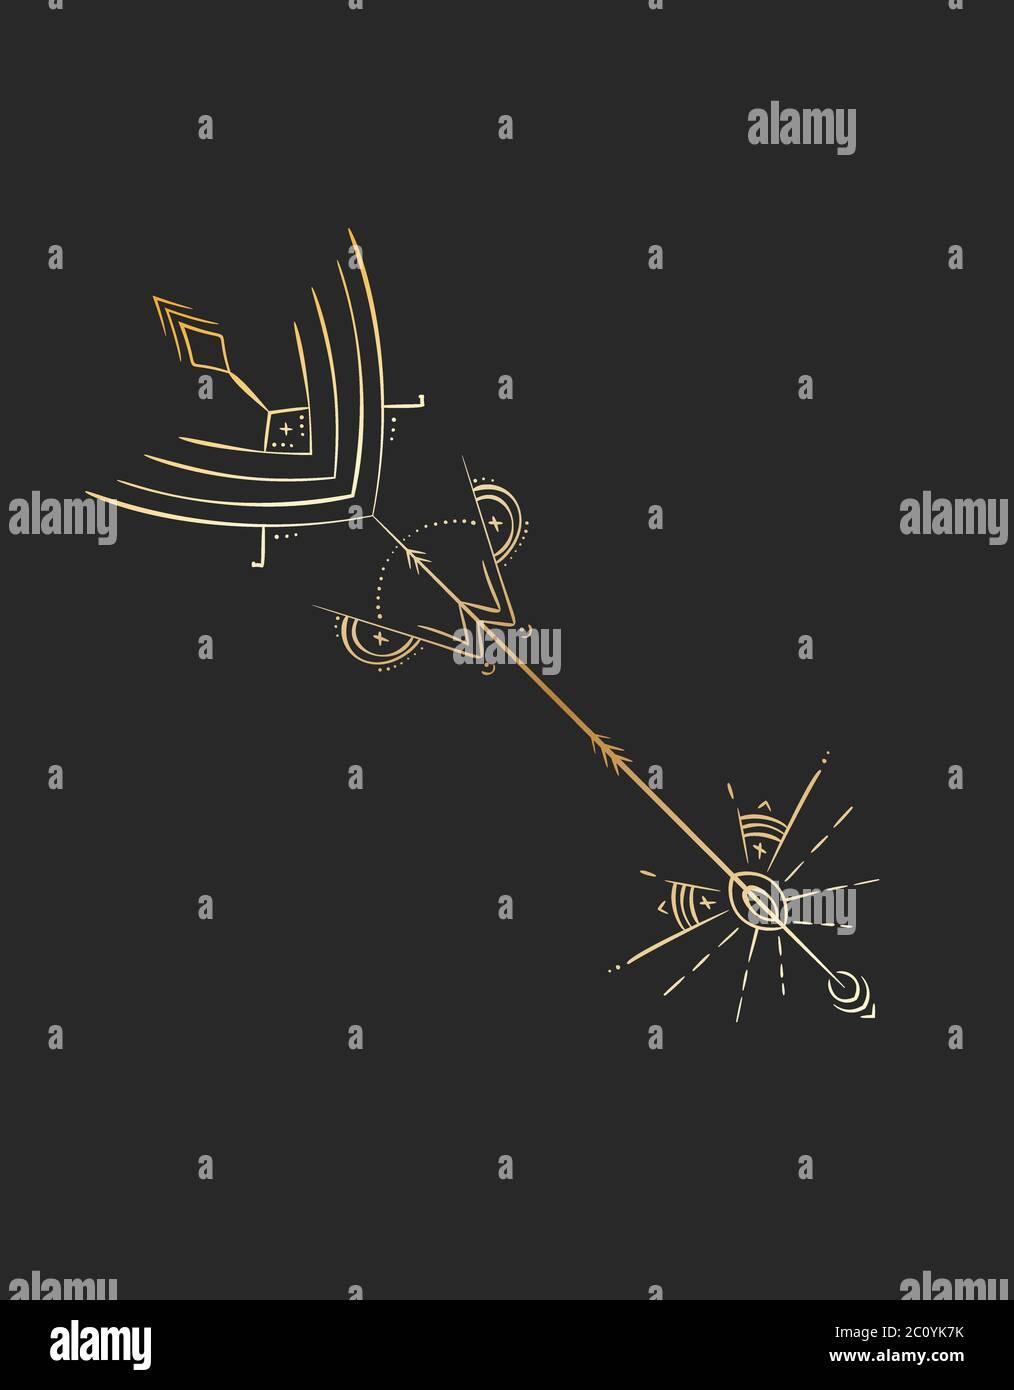 Diseño de tatuaje geométrico, flecha de alquimia mística dorada Ilustración del Vector